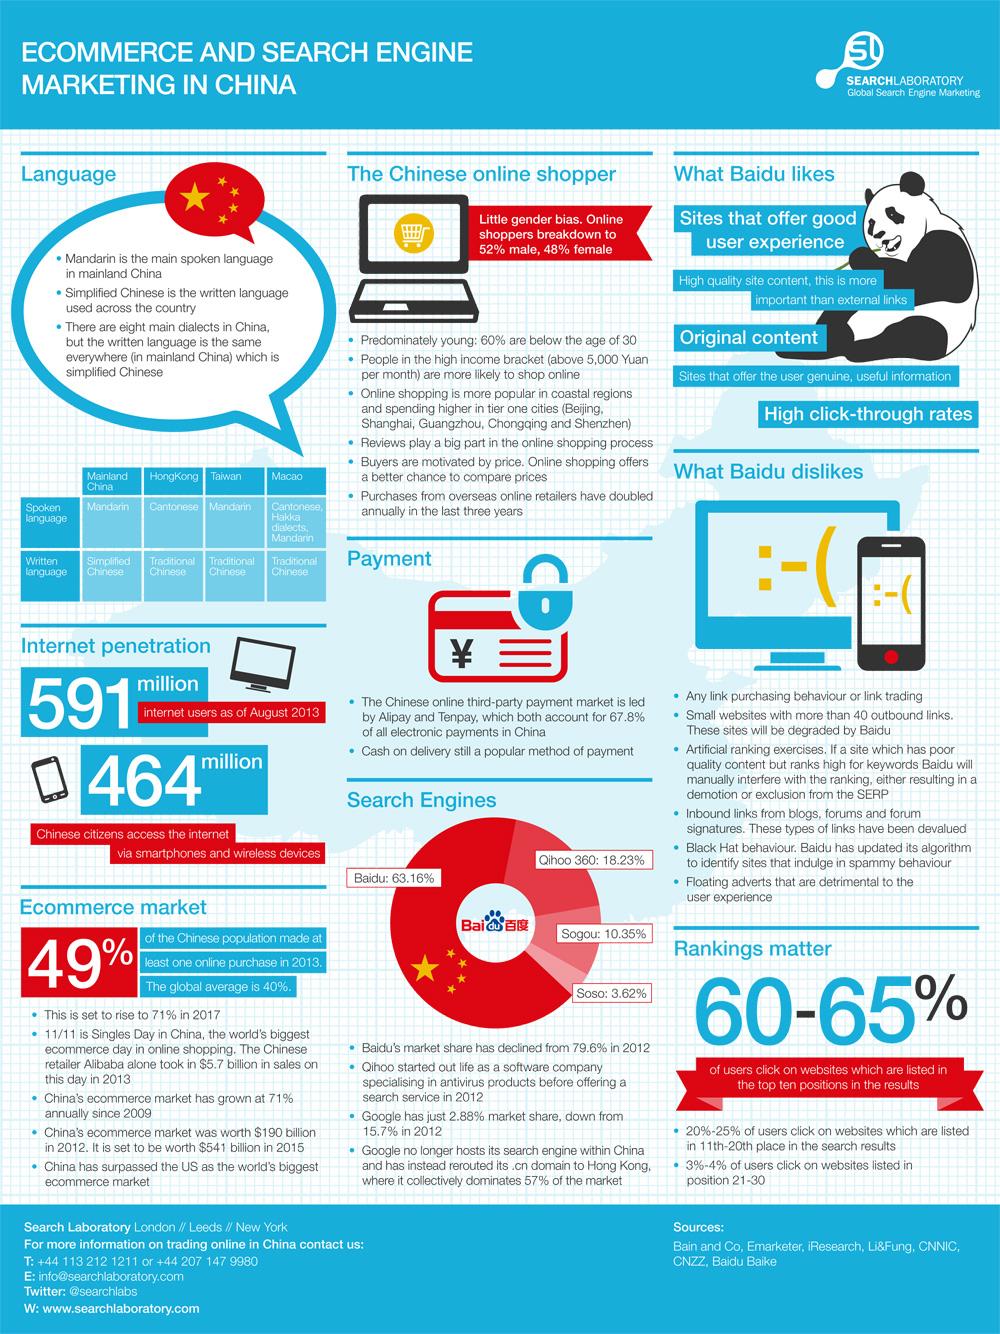 E-commerce chinois et SEO Baidu 2014 - 2015 - AUTOVEILLE